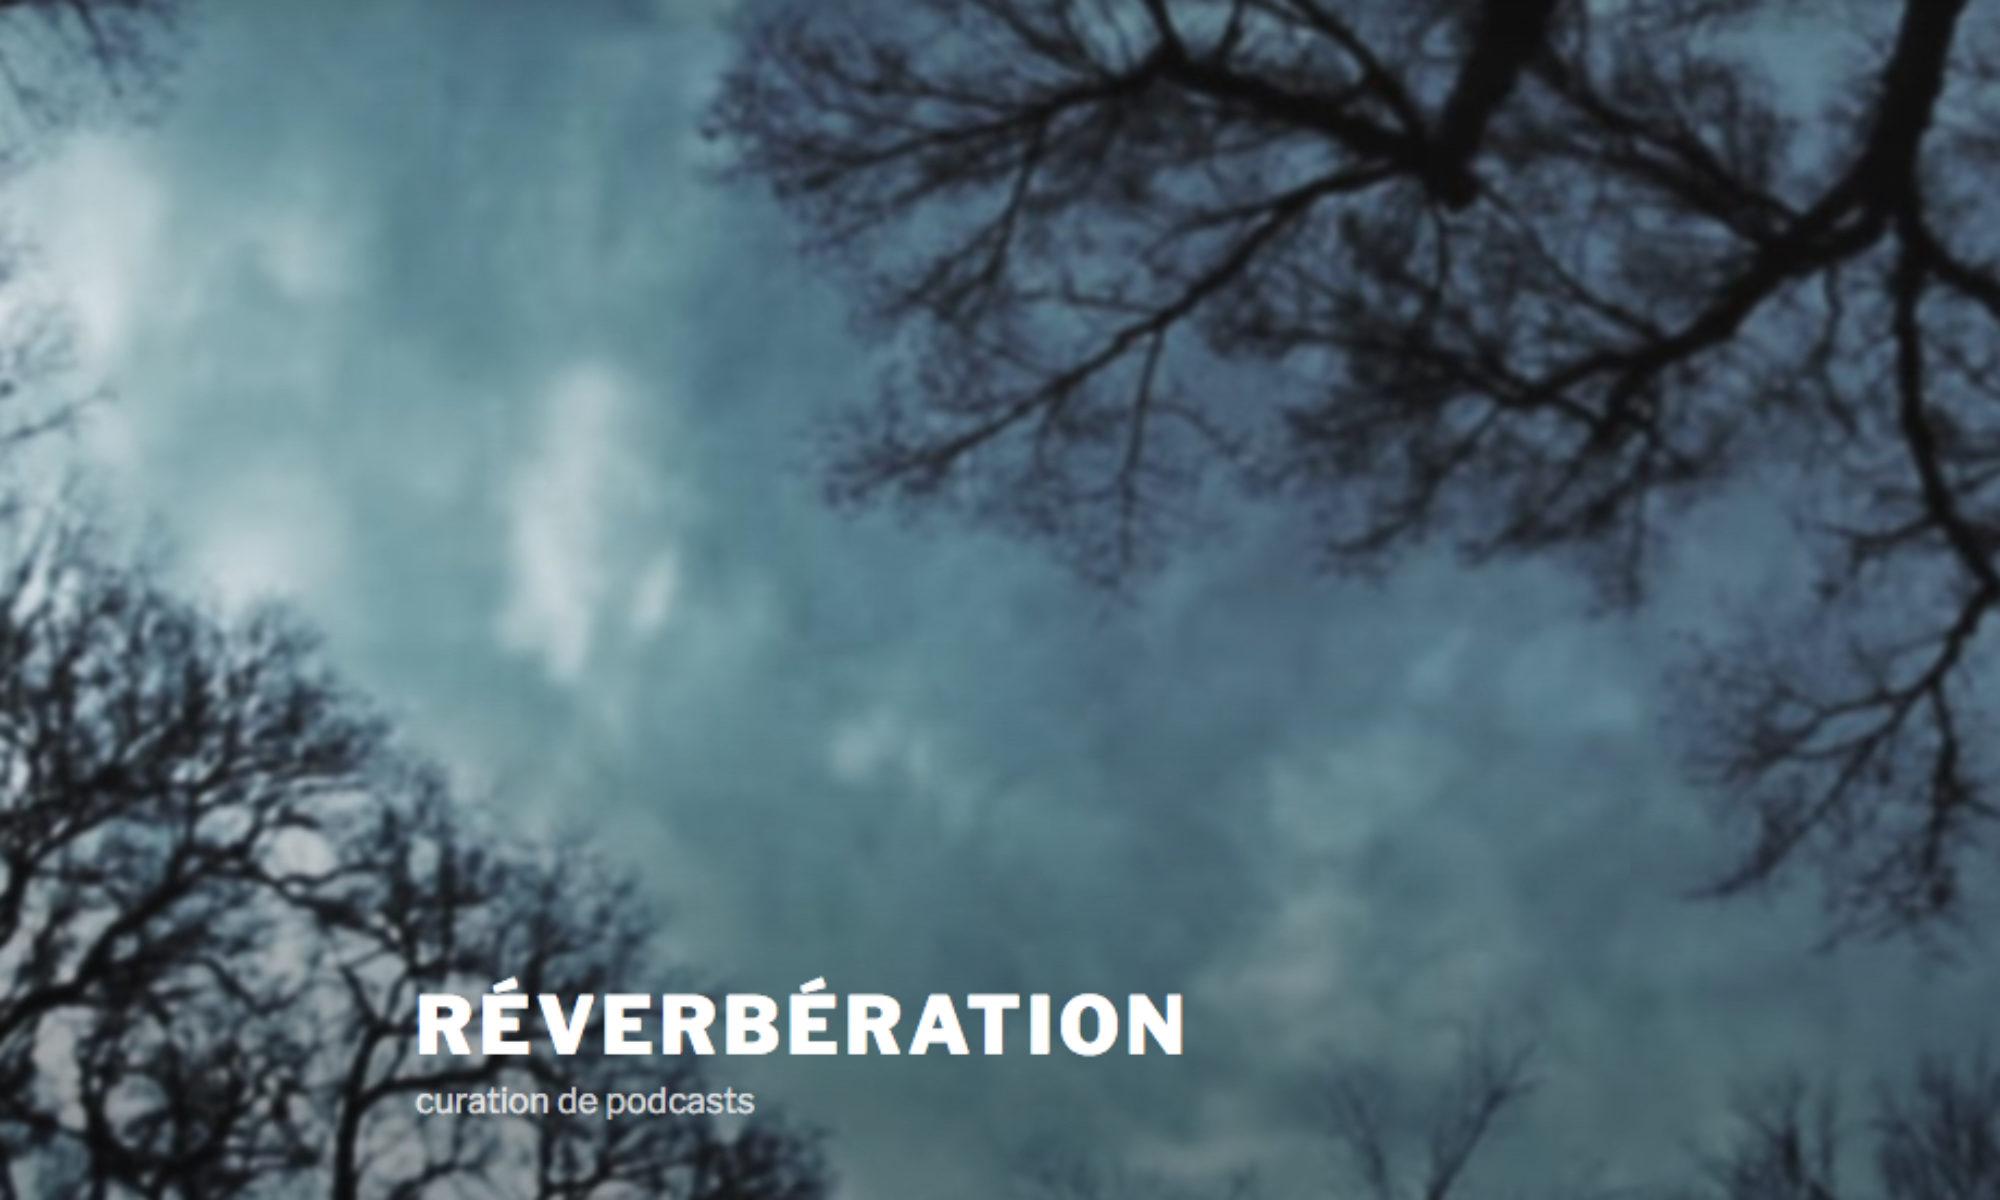 Réverbération